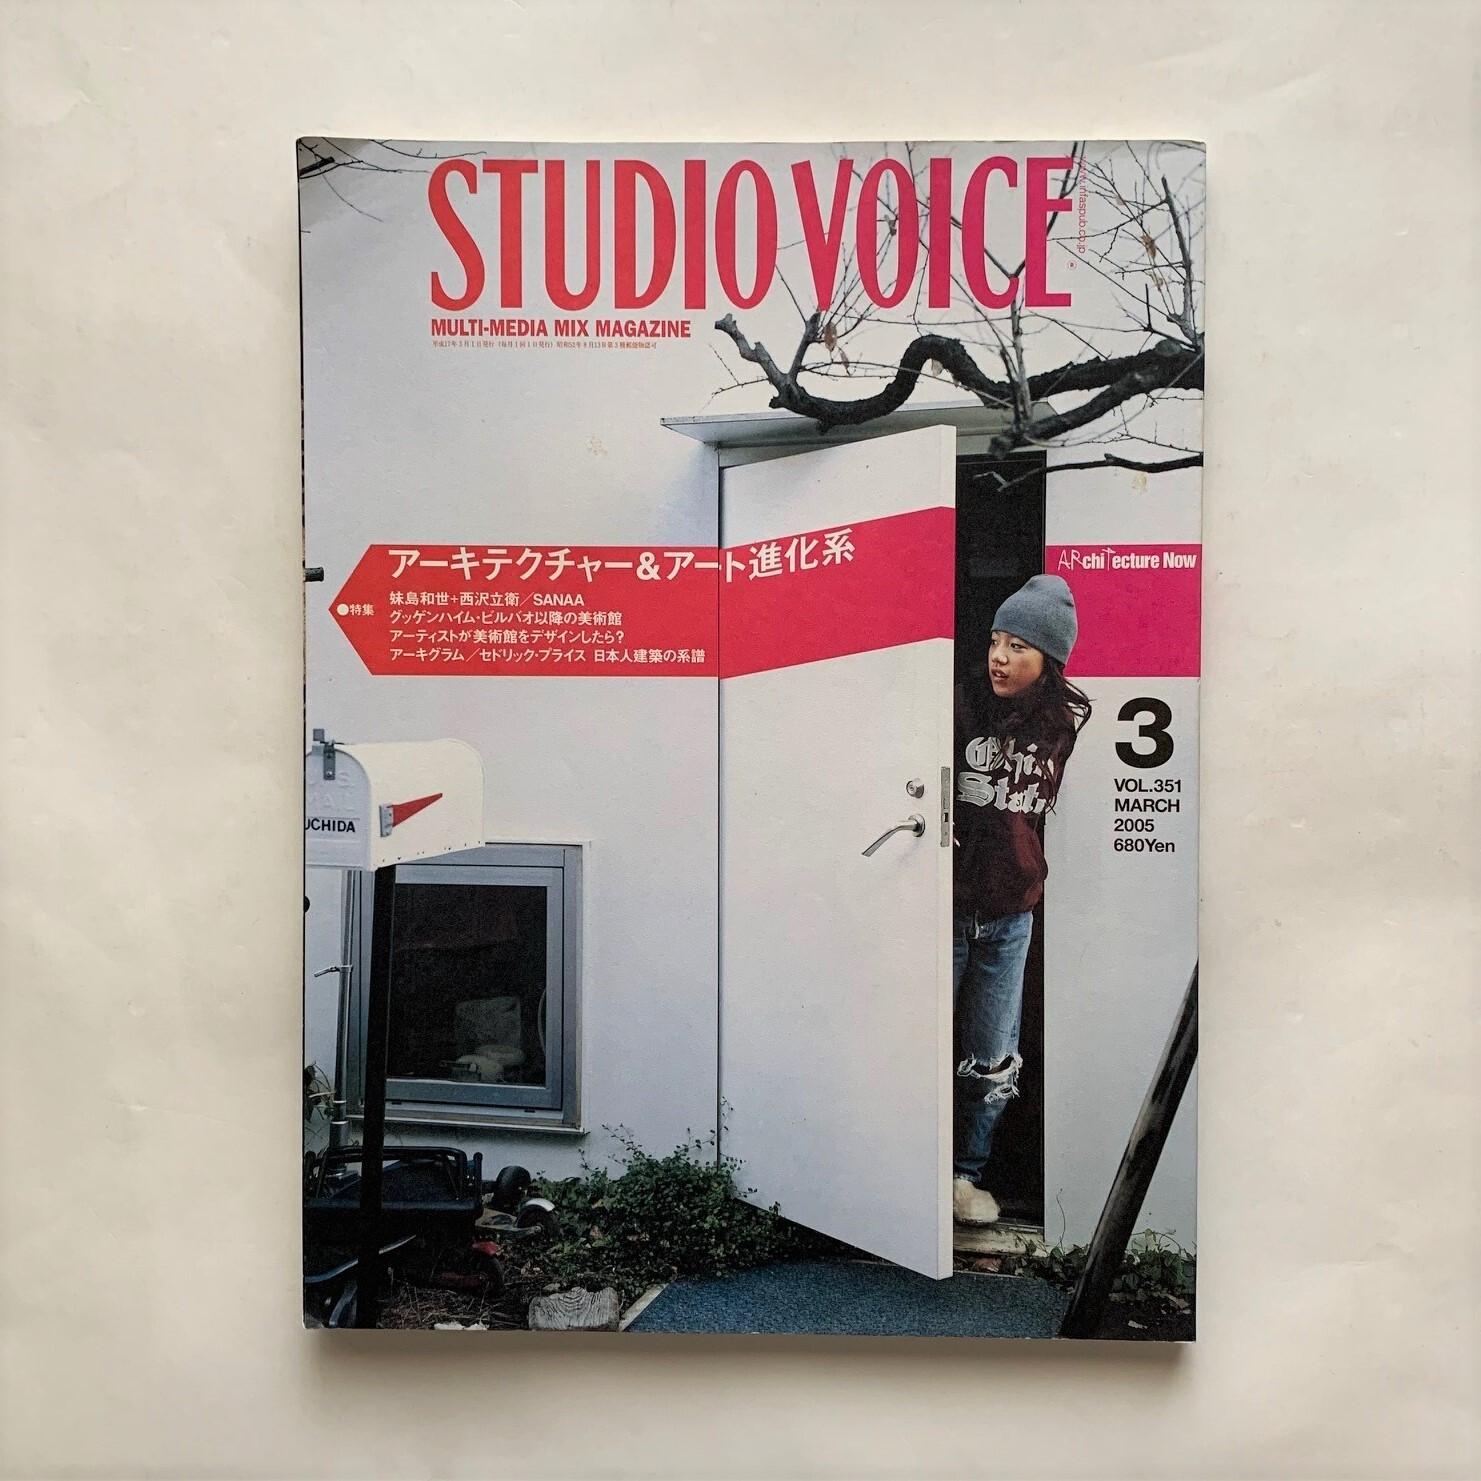 アーキテクチャー & アート進化系 / STUDIO VOICE / VOL.351